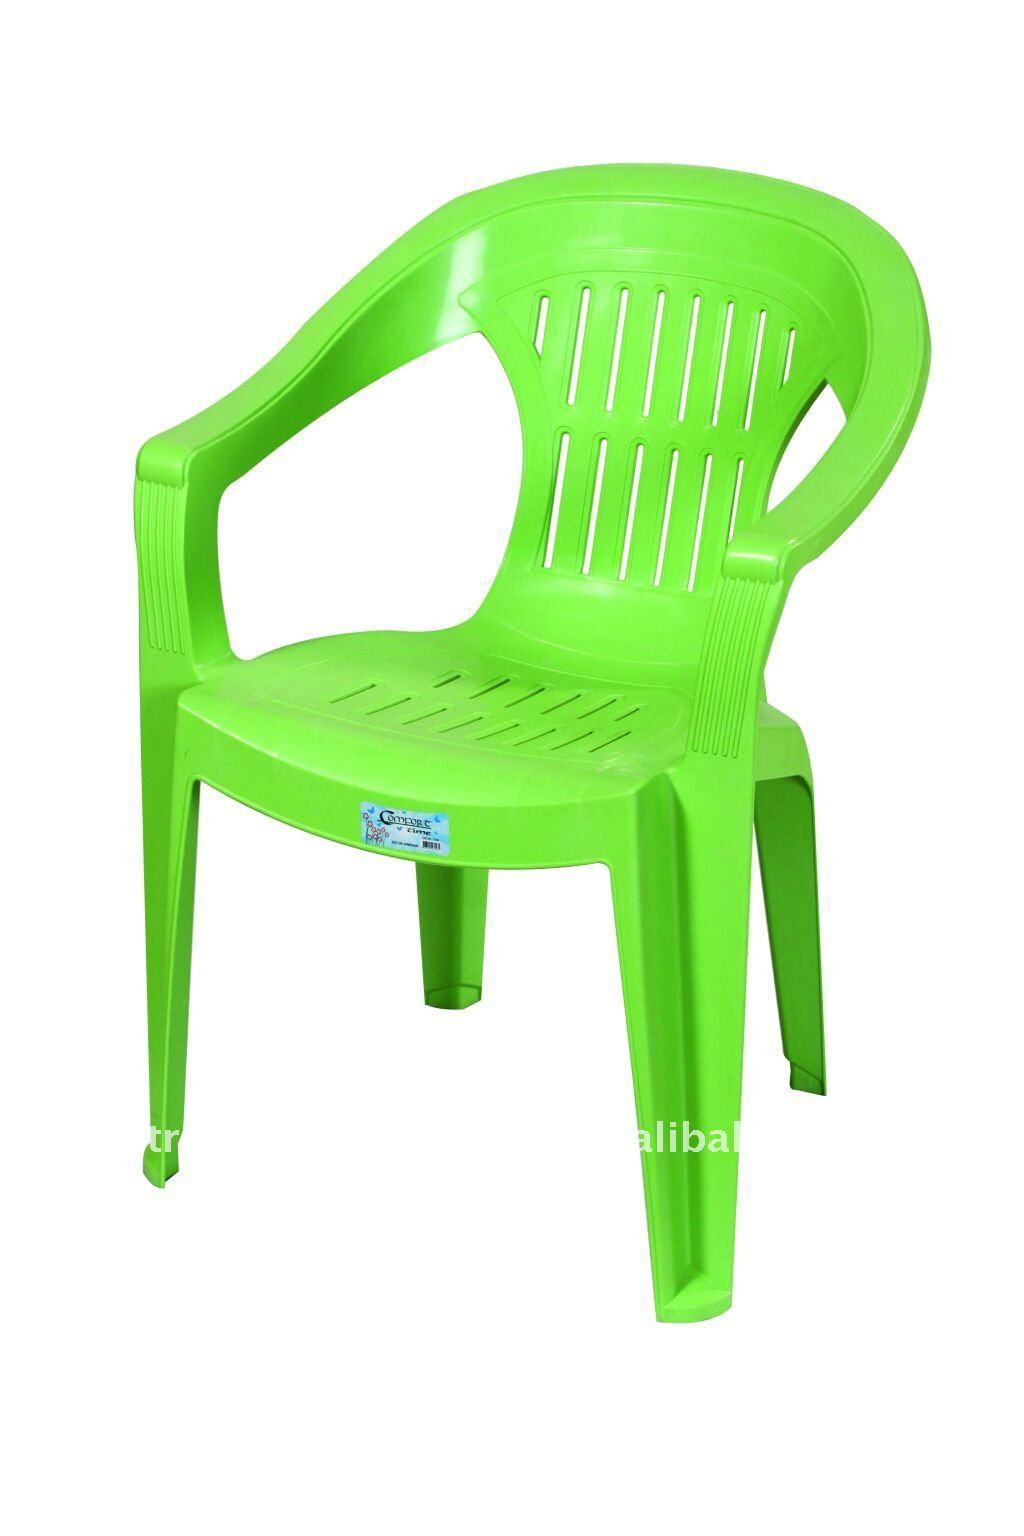 Com chaise jardin castorama - Chaise d exterieur pas cher ...